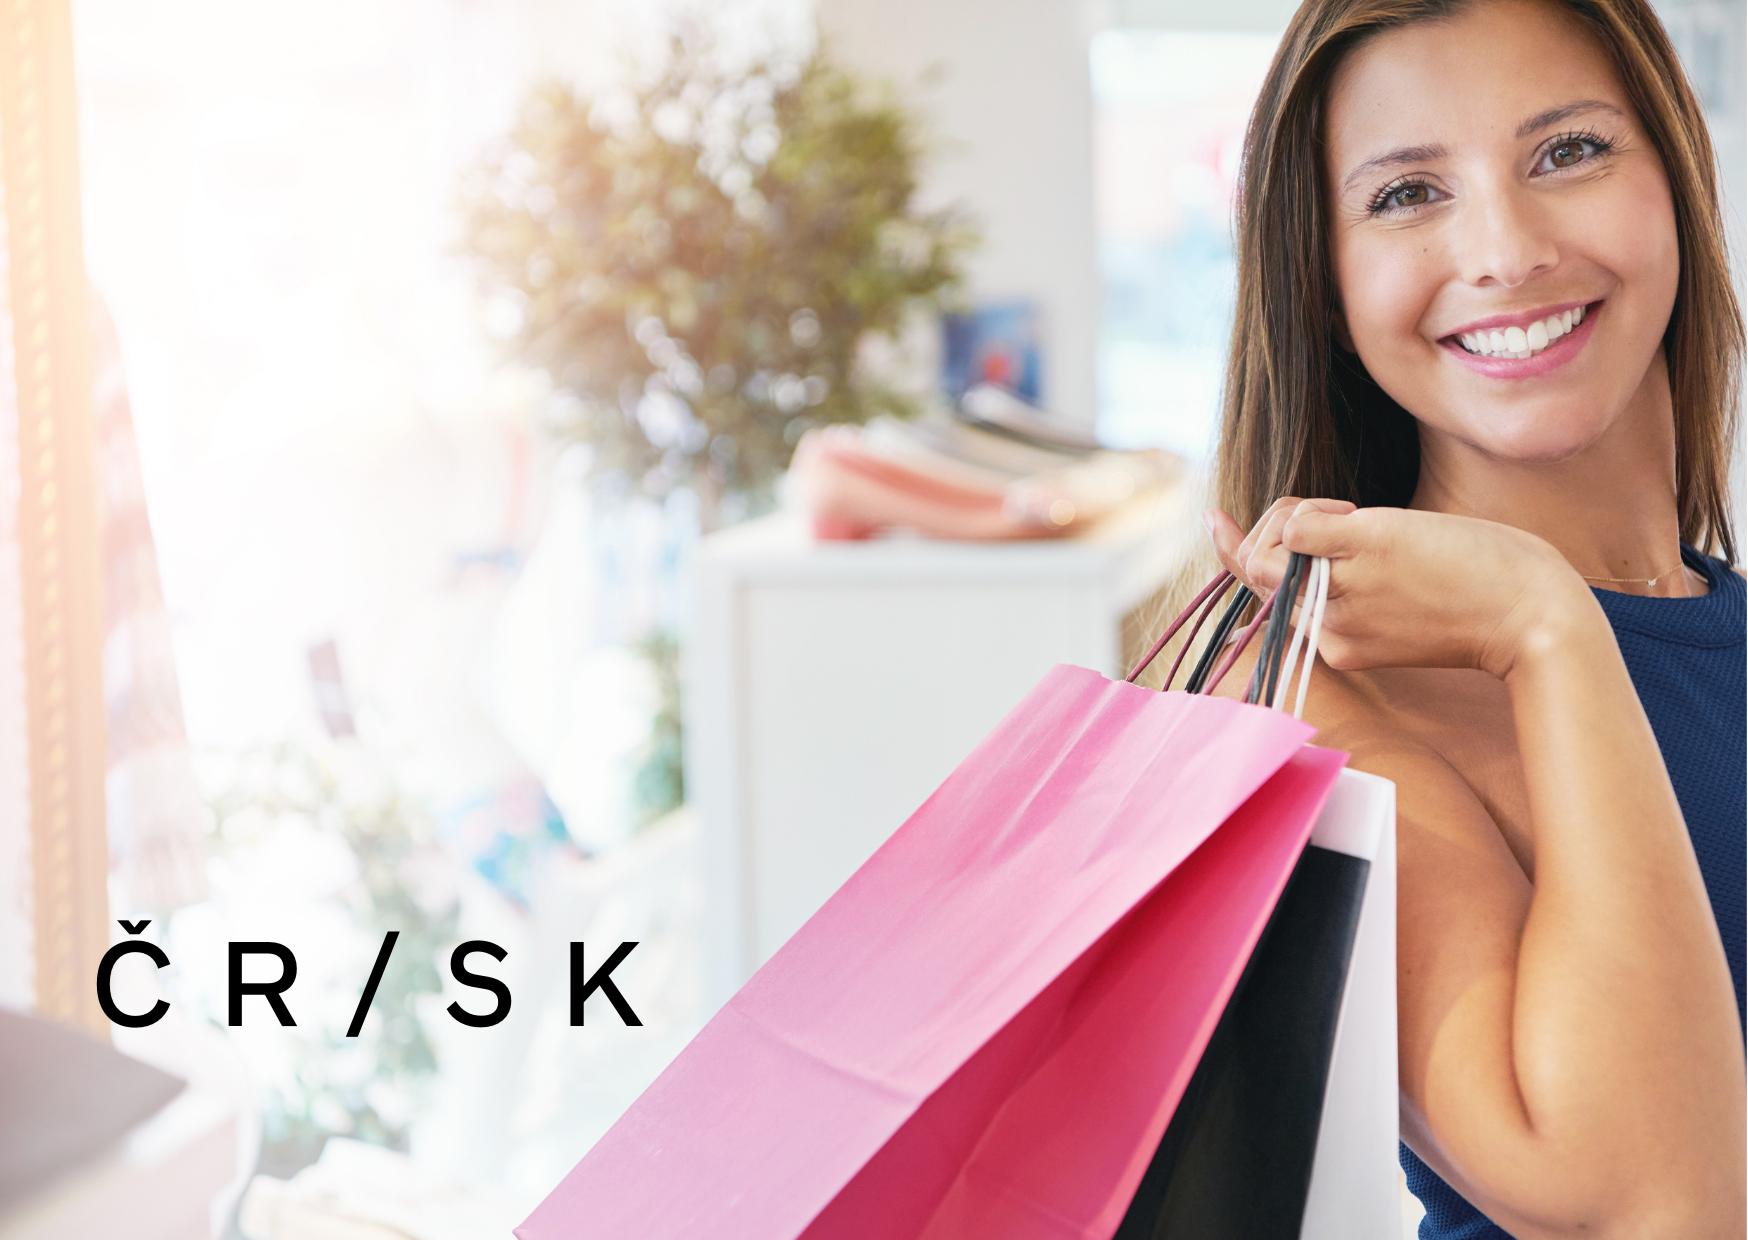 Jak nakupovat ČR/SK